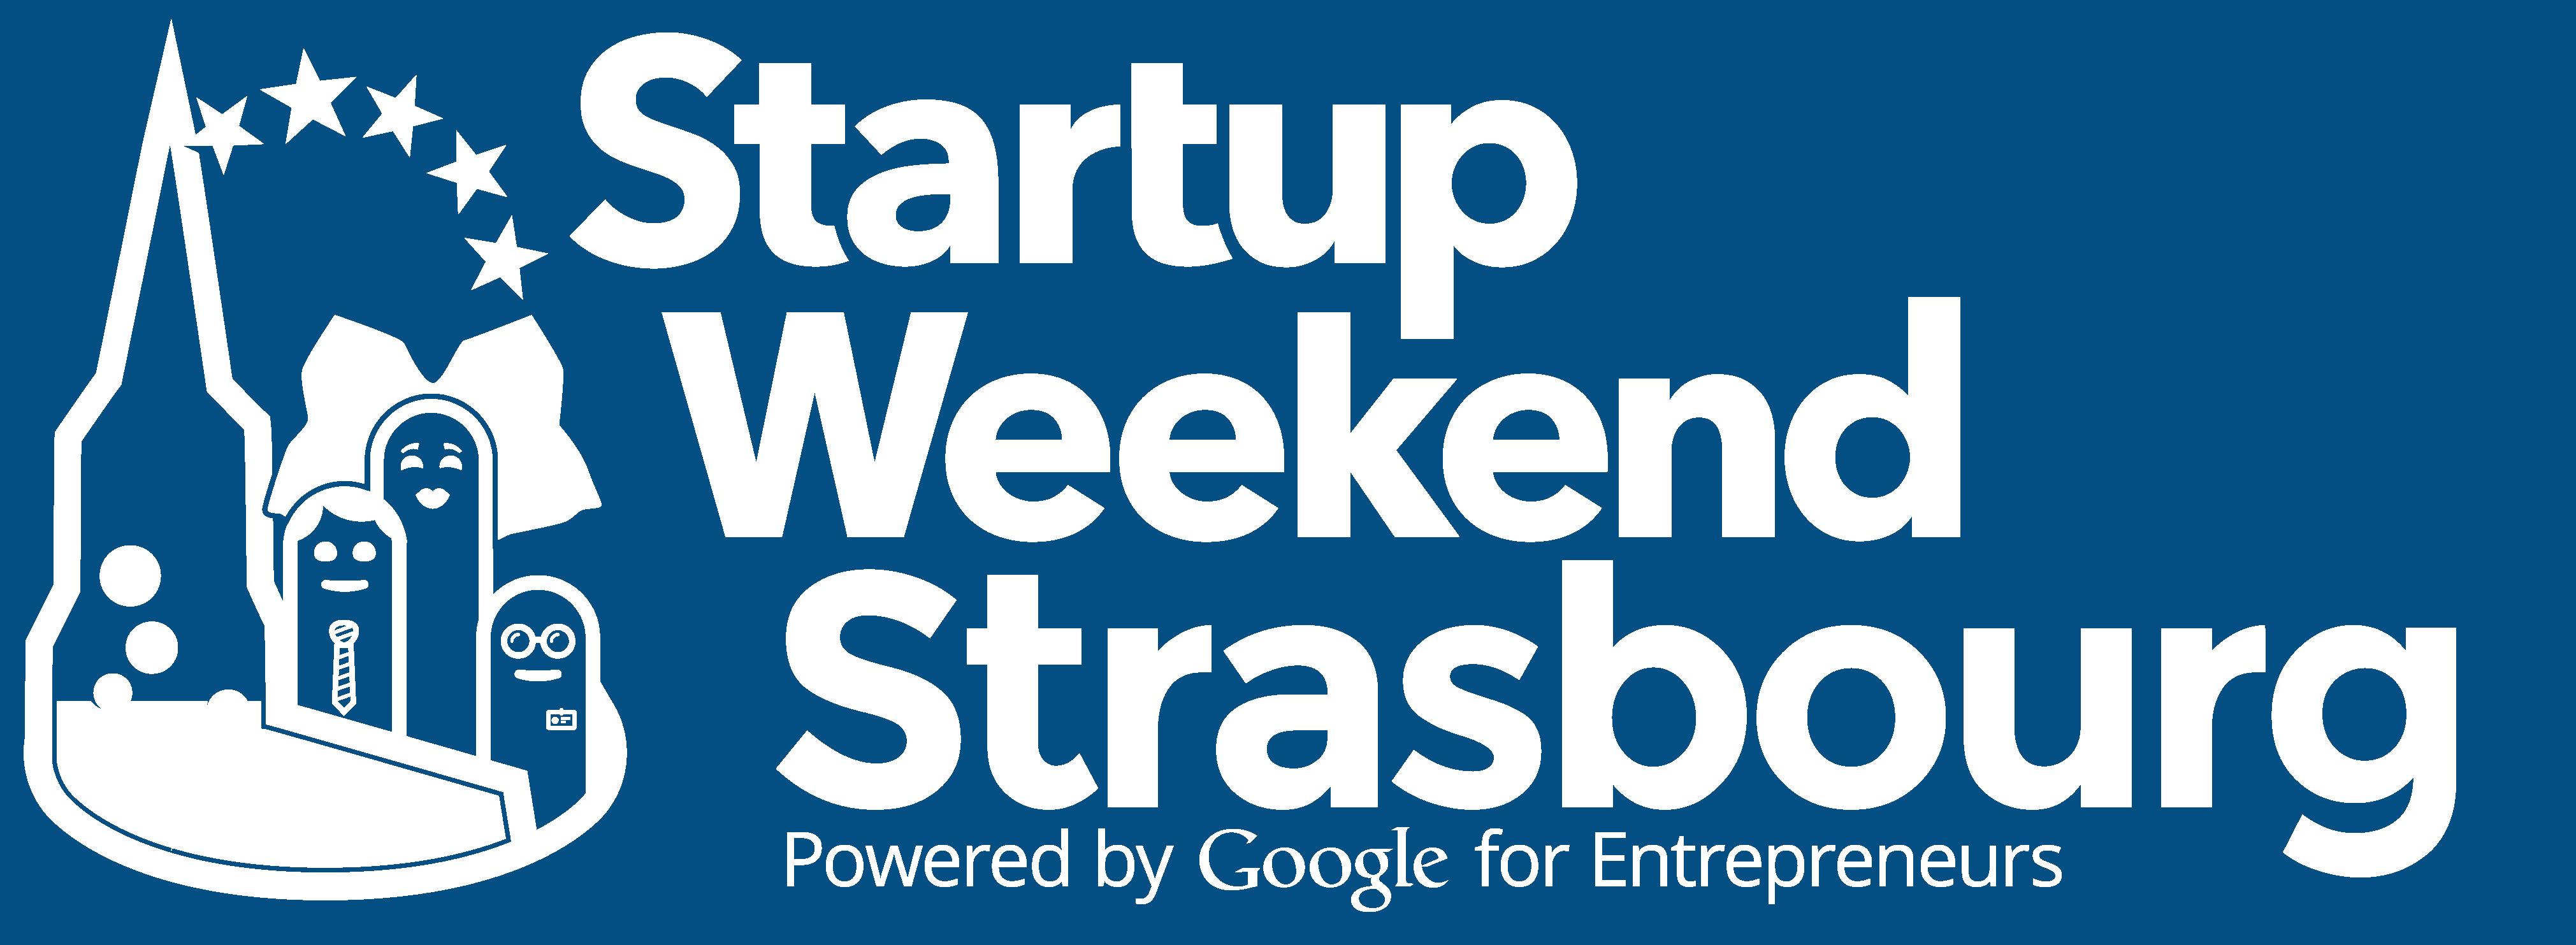 Startup Weekend Strasbourg 2016